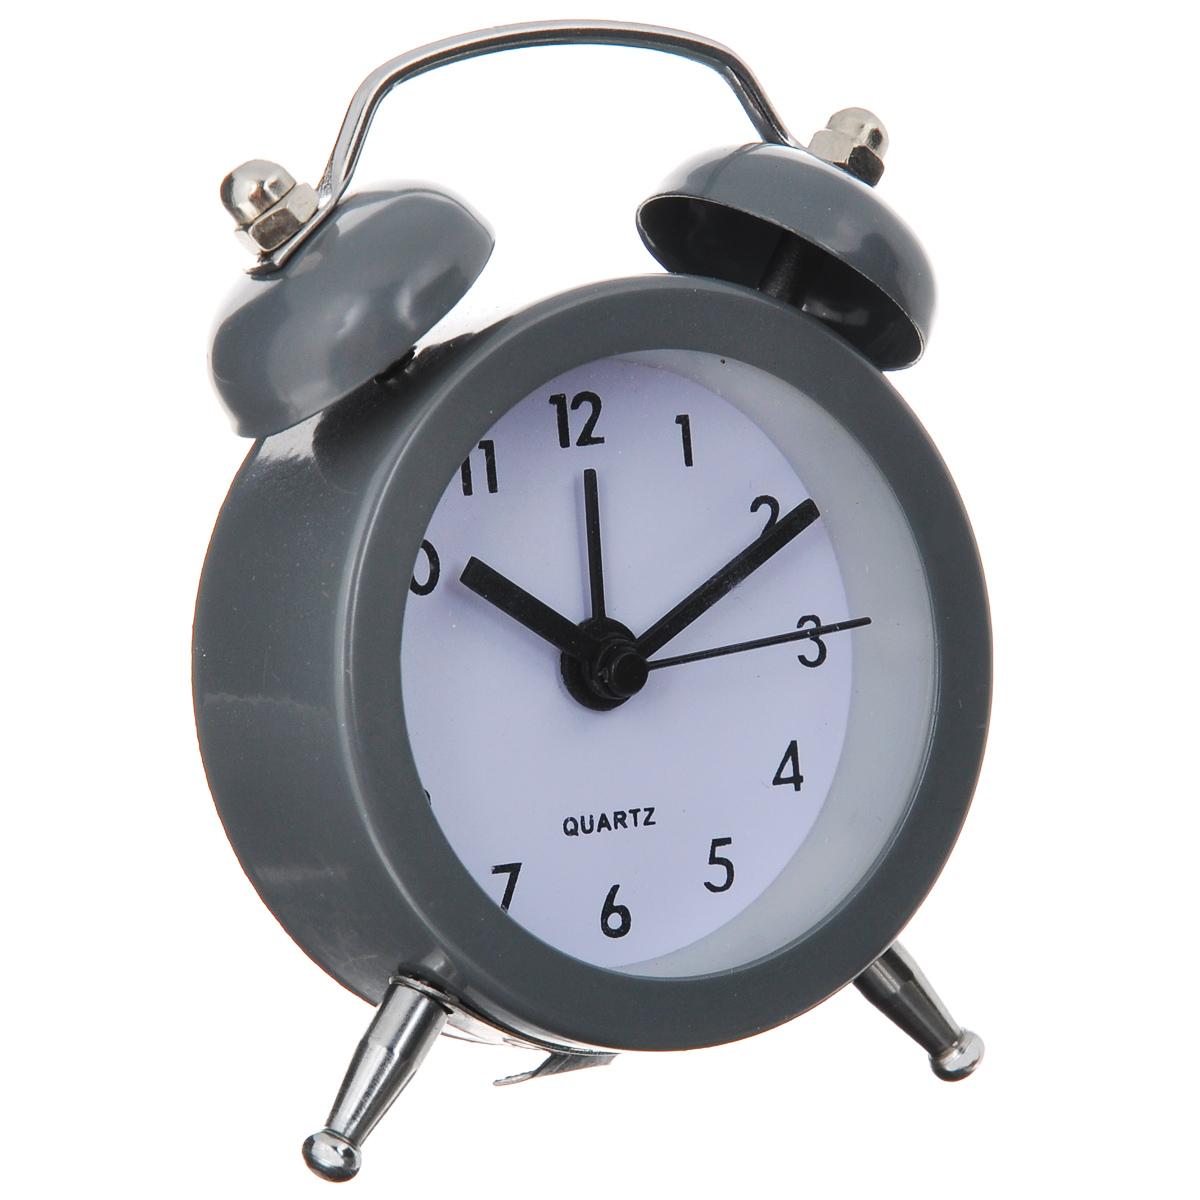 Часы-будильник Sima-land, цвет: серый. 720791720791Как же сложно иногда вставать вовремя! Всегда так хочется поспать еще хотябы 5 минут ибывает,что мы просыпаем. Теперь этого не случится! Яркий, оригинальный будильникSima-landпоможет вам всегдавставать в нужное время и успевать везде и всюду. Будильник украсит вашукомнату иприведет в восхищение друзей. Эта уменьшенная версия привычногобудильника умещаетсяналадони и работает так же громко, как и привычные аналоги. Время показываетточно и будит вустановленный час. На задней панели будильника расположены переключательвключения/выключения механизма,атакже два колесика для настройки текущего времени и времени звонкабудильника. Будильник работает от 1 батарейки типа LR44 (входит в комплект).